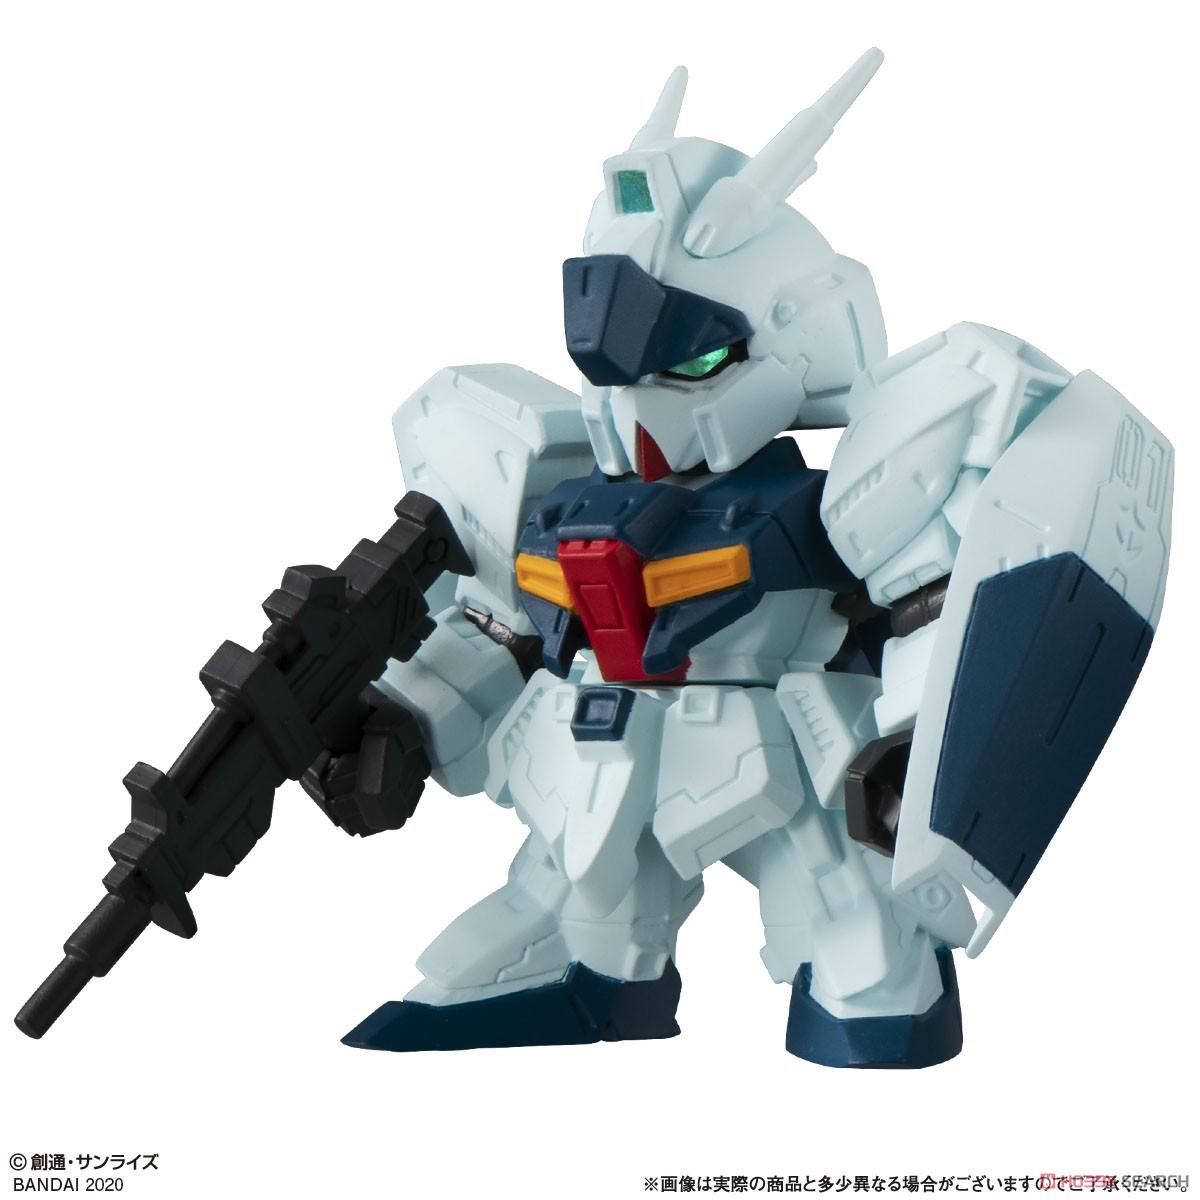 機動戦士ガンダム『ガシャポン戦士フォルテ11』12個入りBOX-002